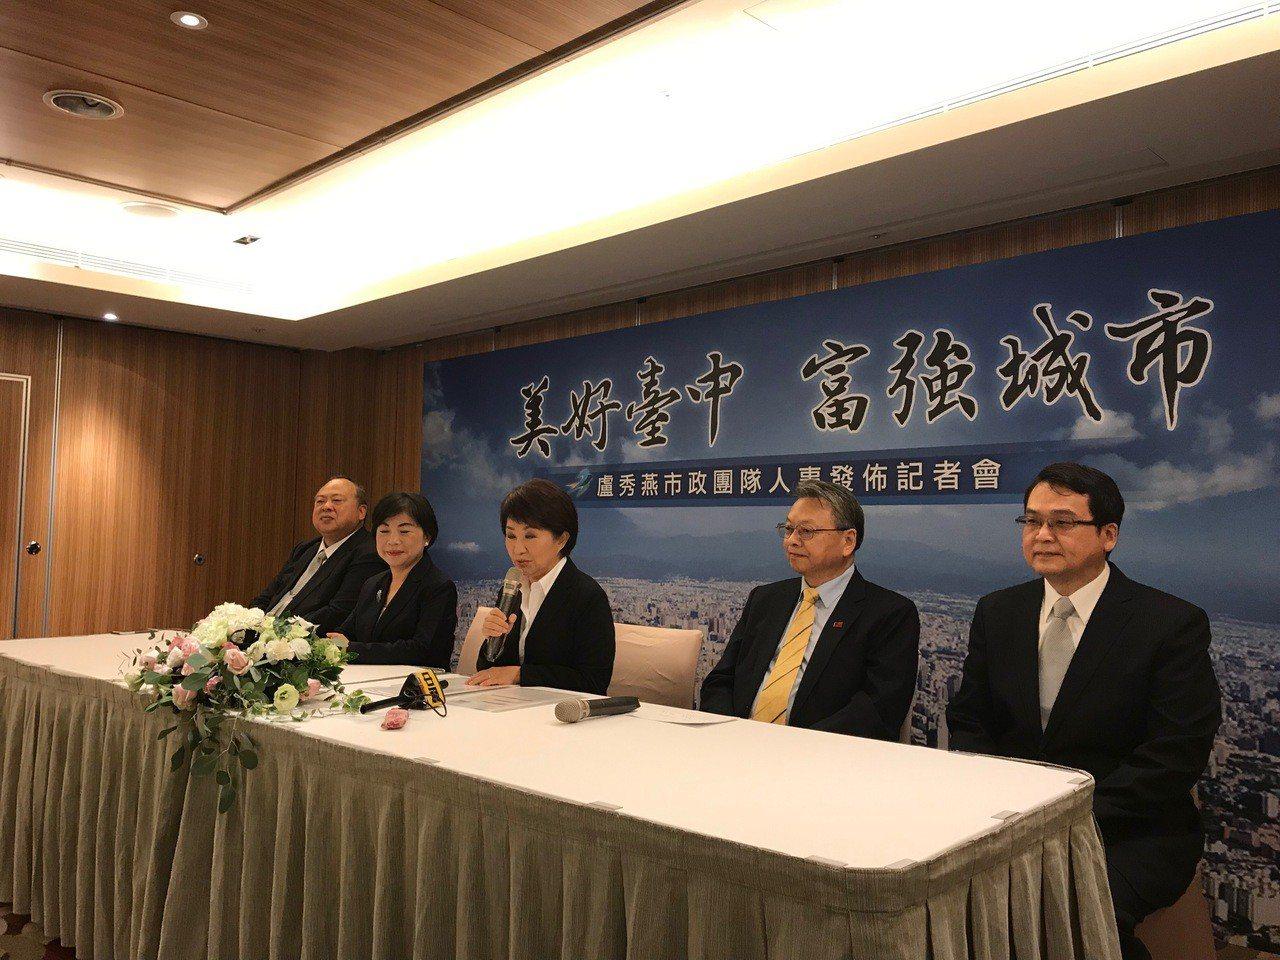 台中市長當選人盧秀燕今公布副市長、秘書長名單,除外界預測的楊瓊瓔、陳子敬外,第三...